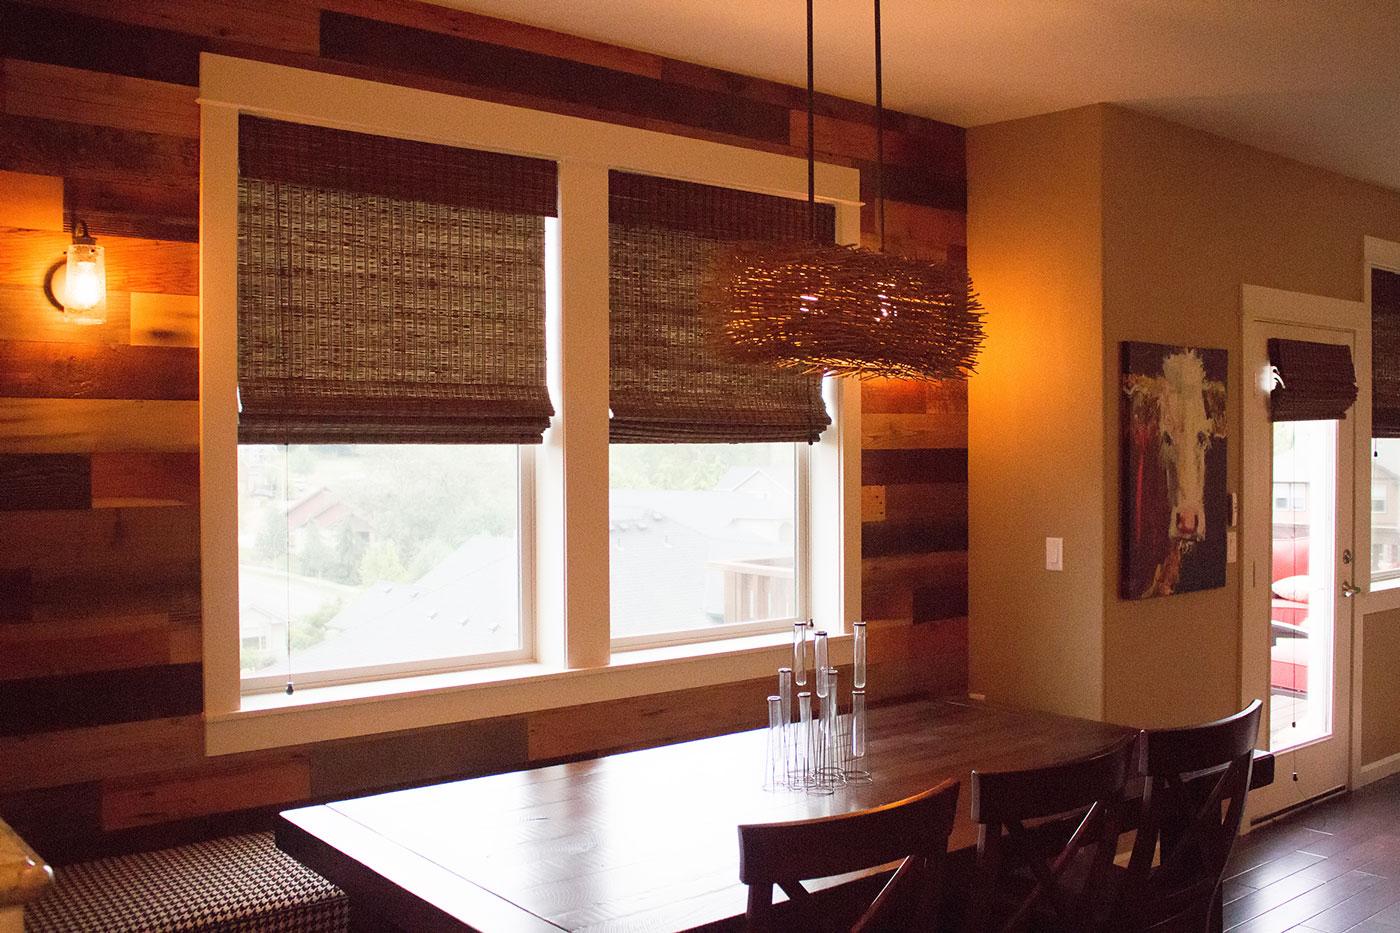 Custom lighting and barnwood detail in modern kitchen design. Rebecca Olsen Designs, Oregon